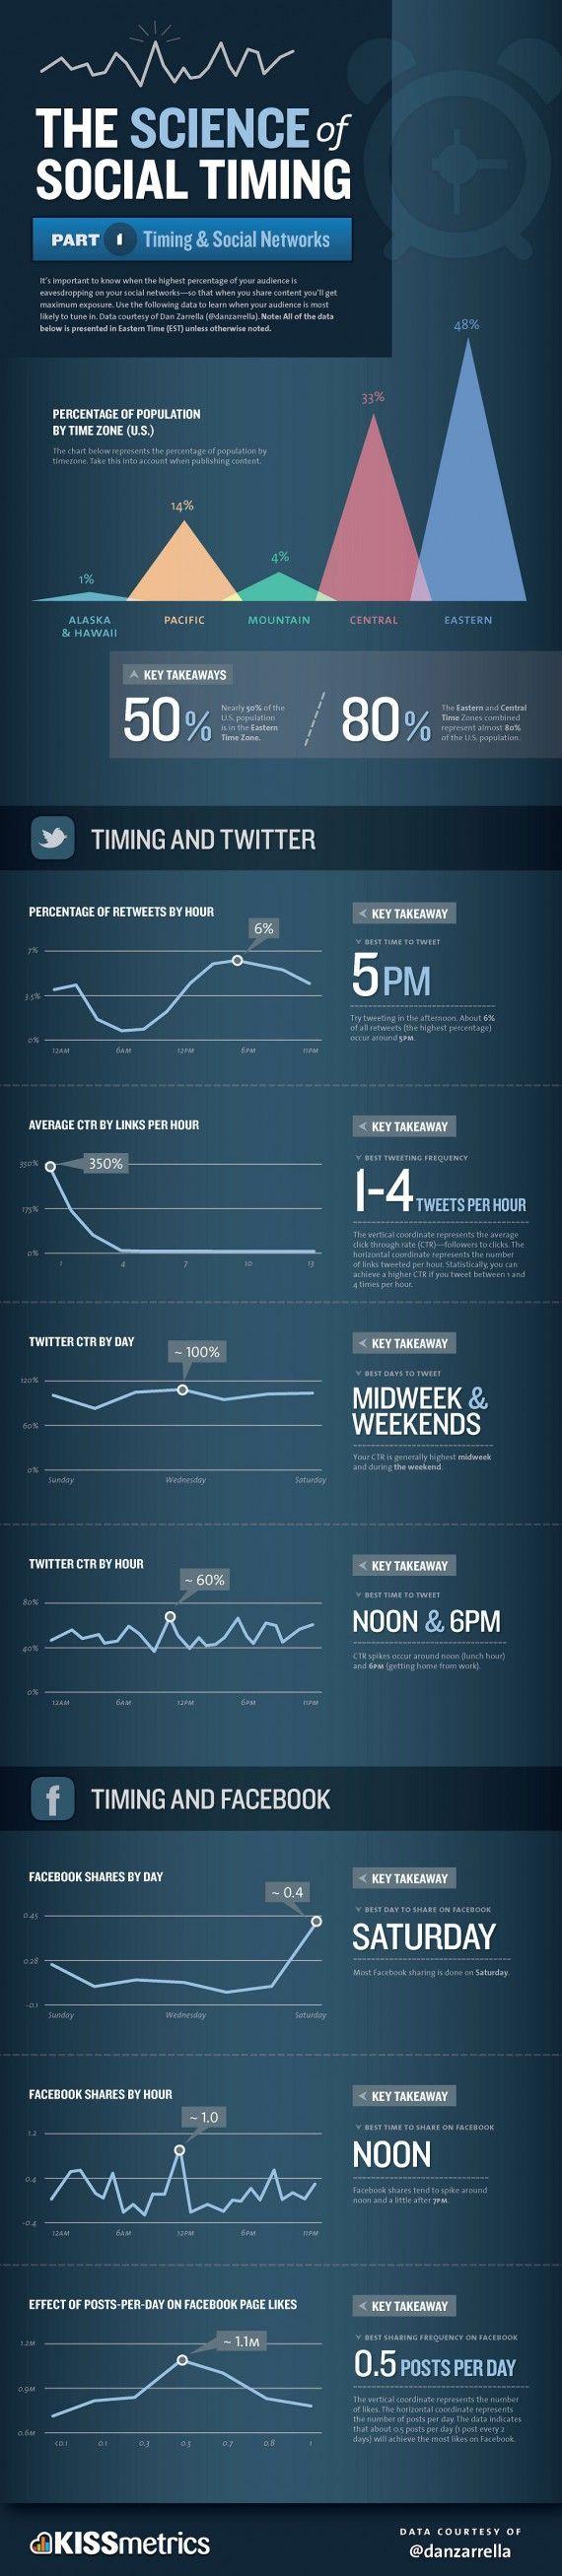 Bestimmung des richtigen Zeitpunkts für Postings. Ist dies überhaupt nachhaltig messbar? #Infografik